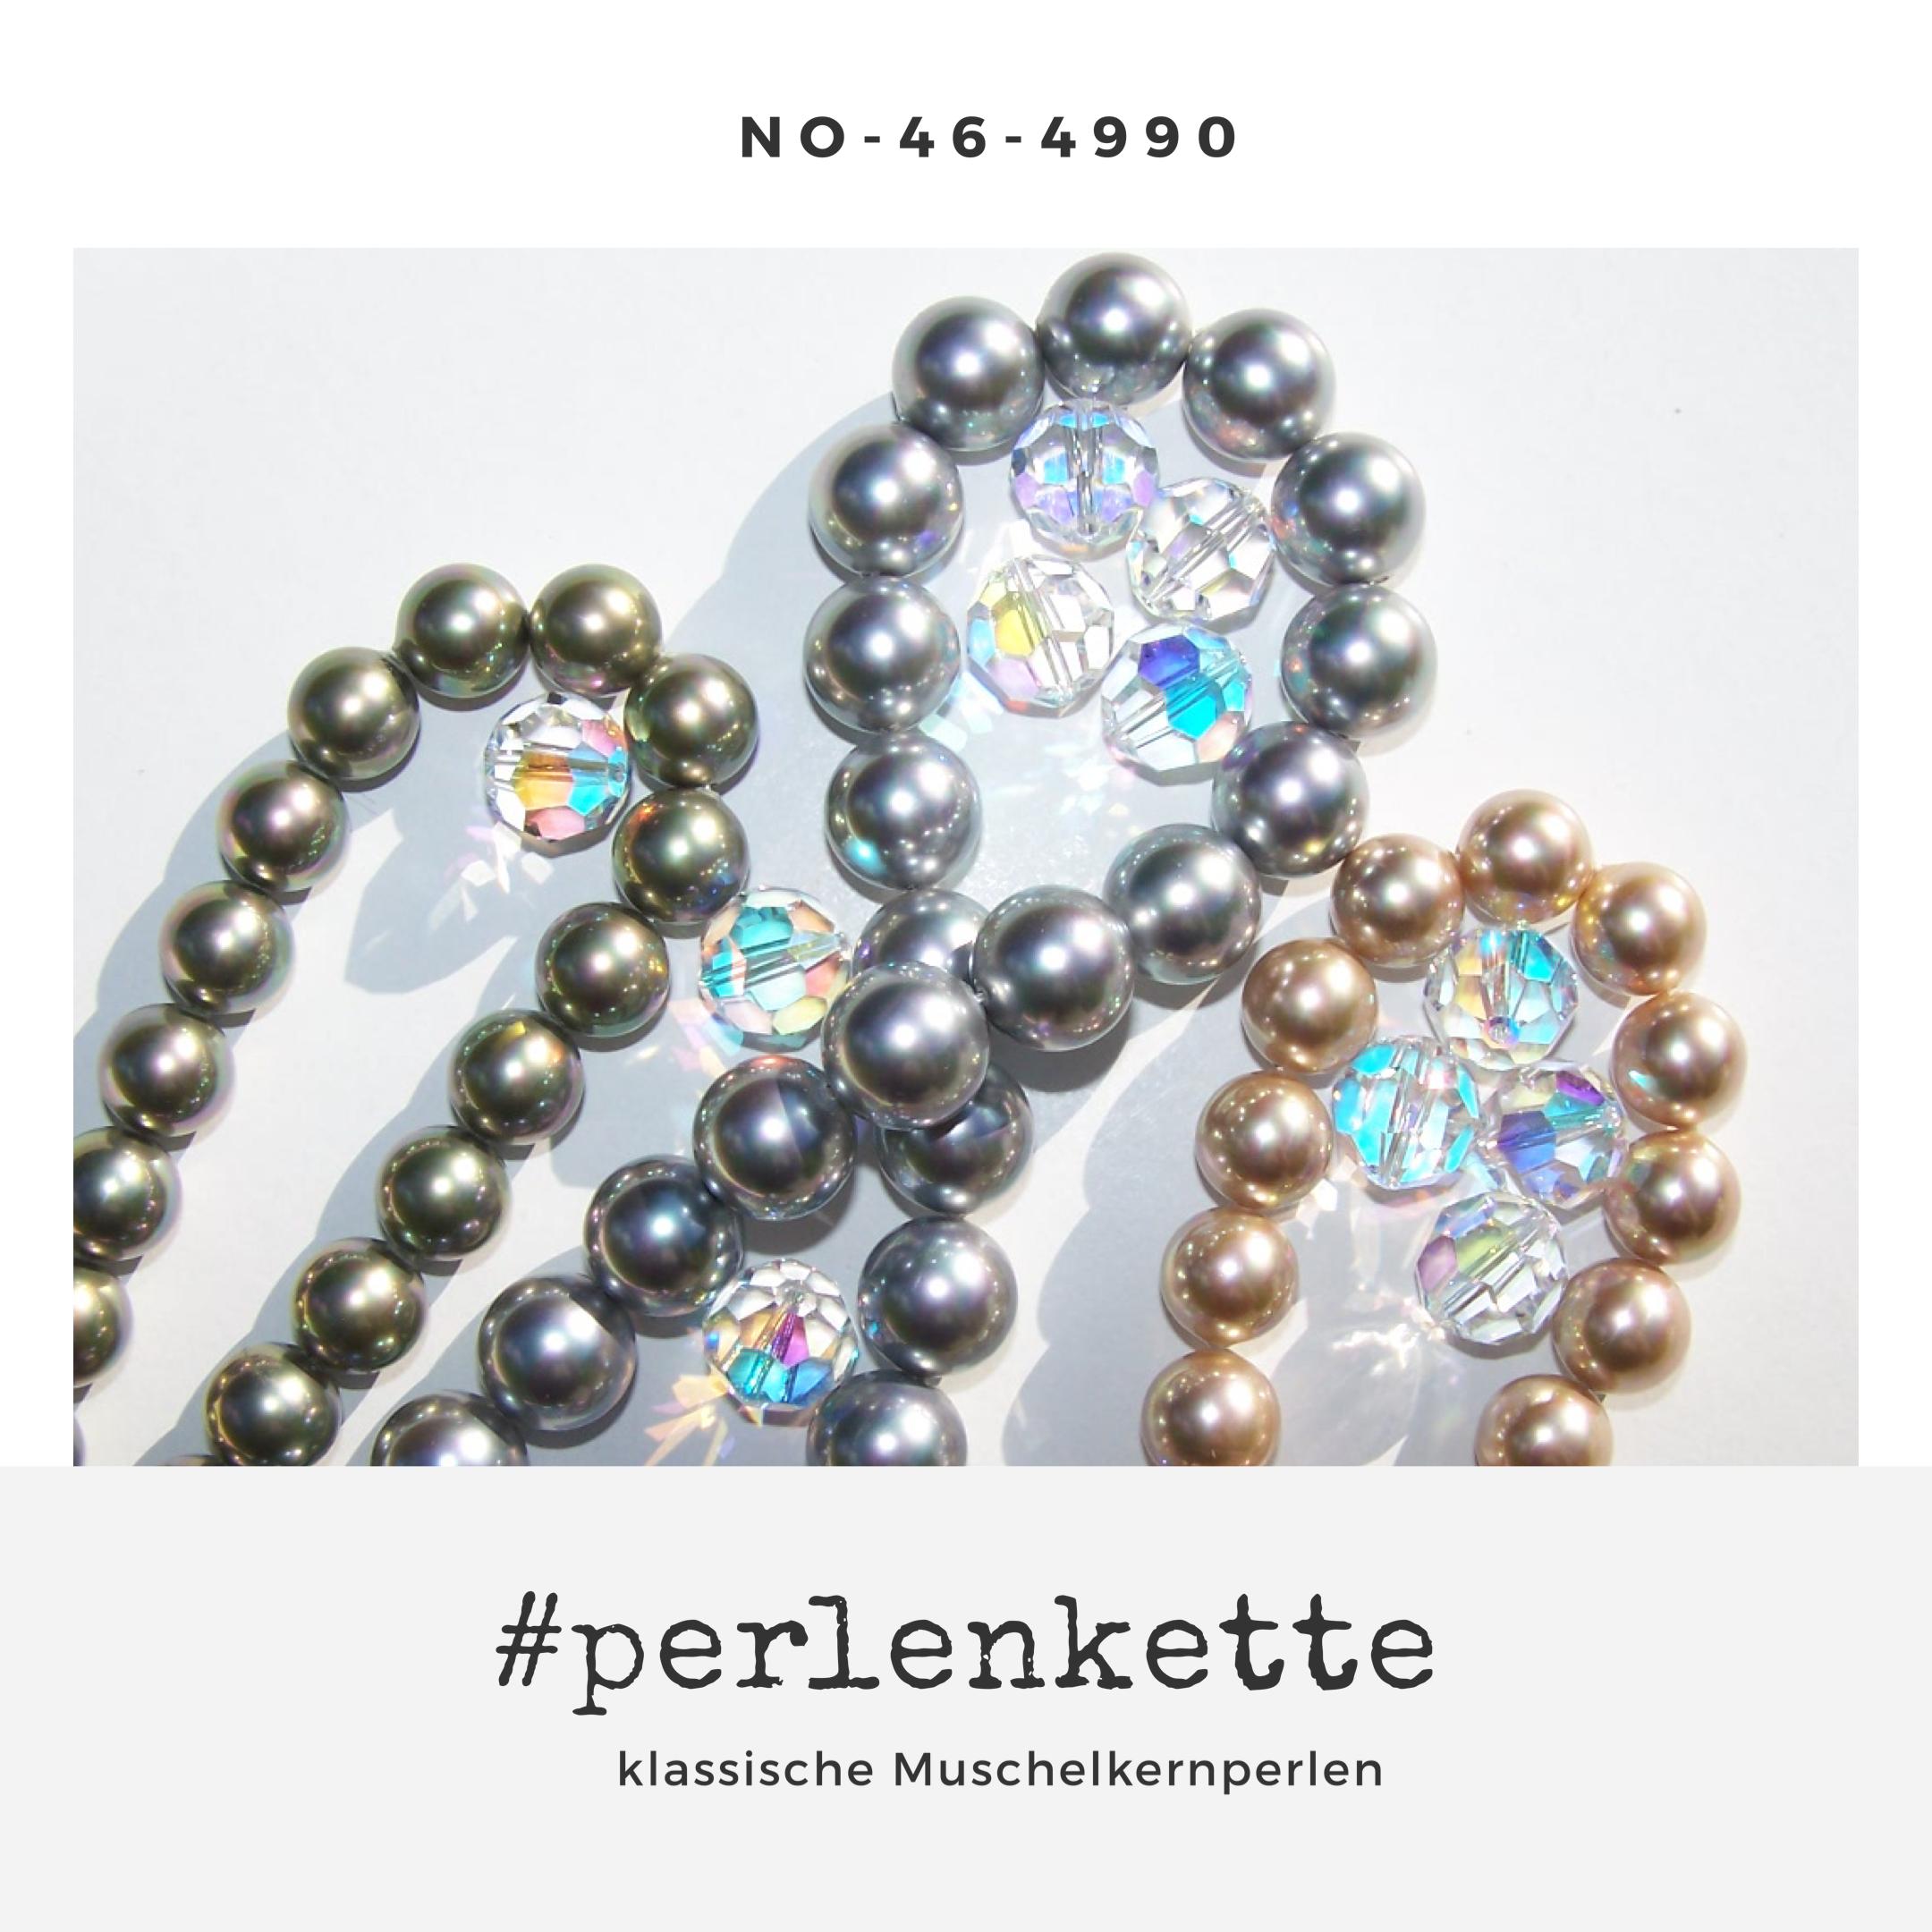 Workshop Perlenkette